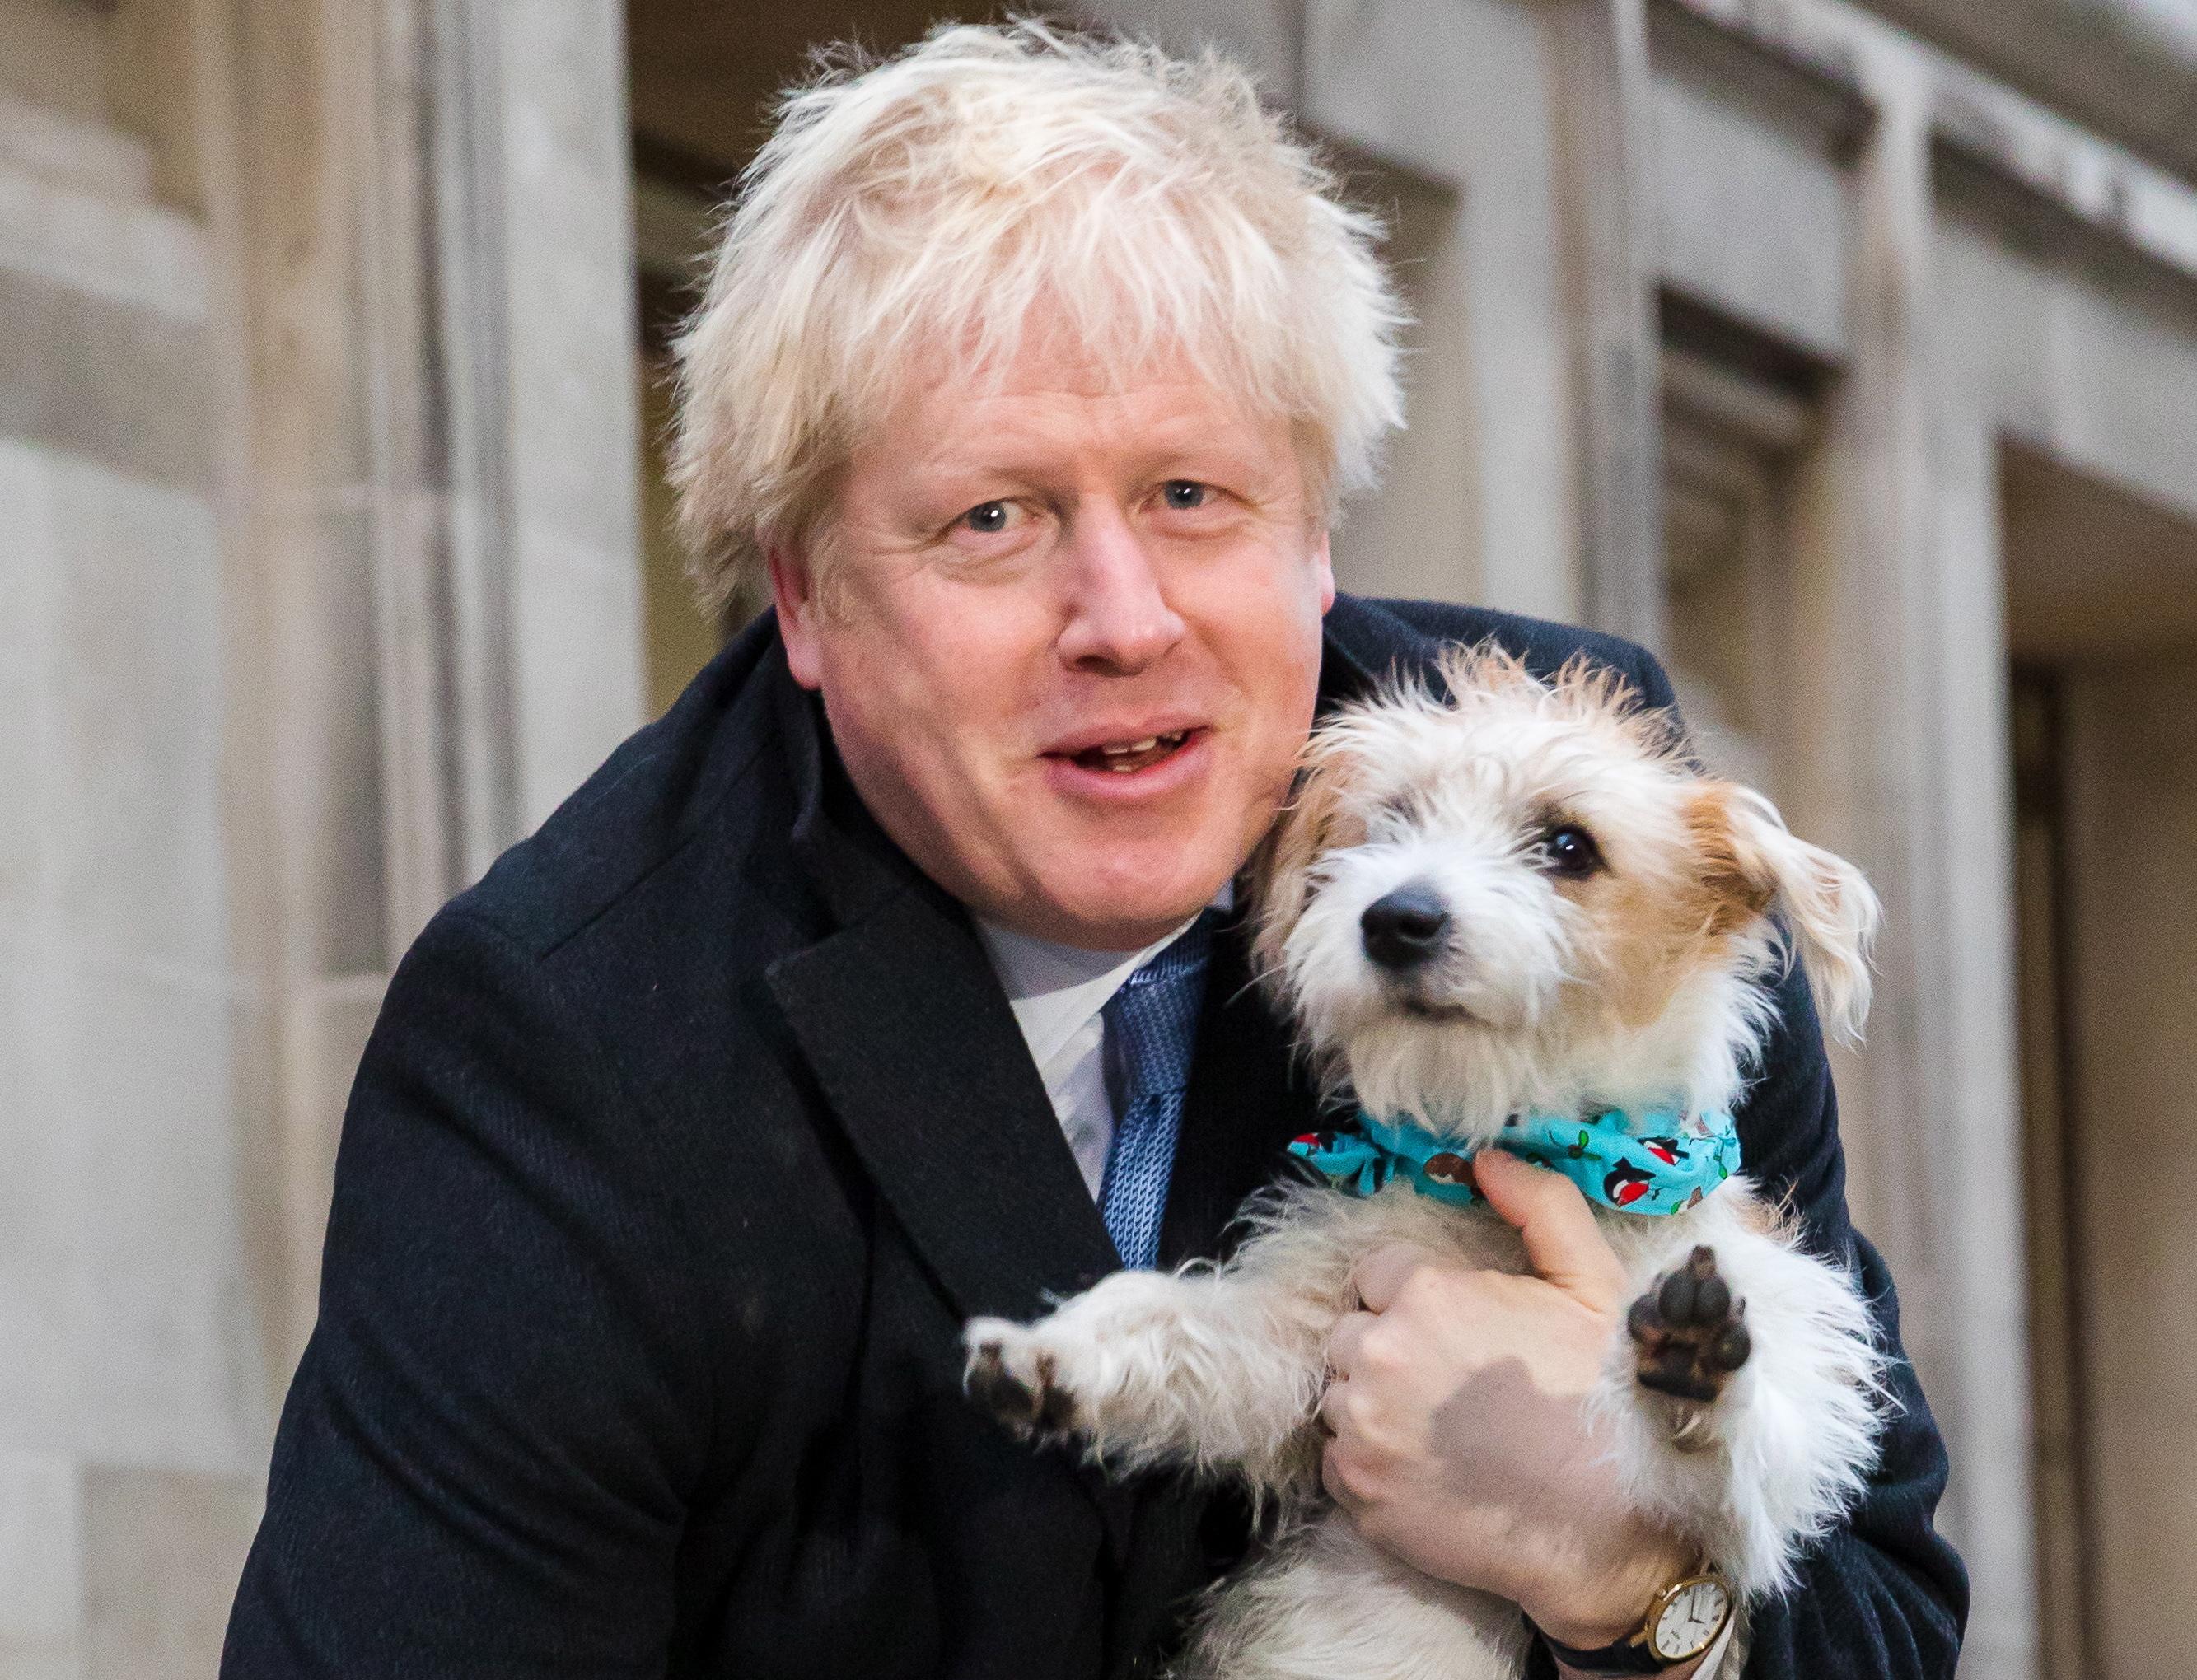 De manhã a maioria de Boris, à tarde o 'impeachment' ridículo de Trump. A democracia é muito isto